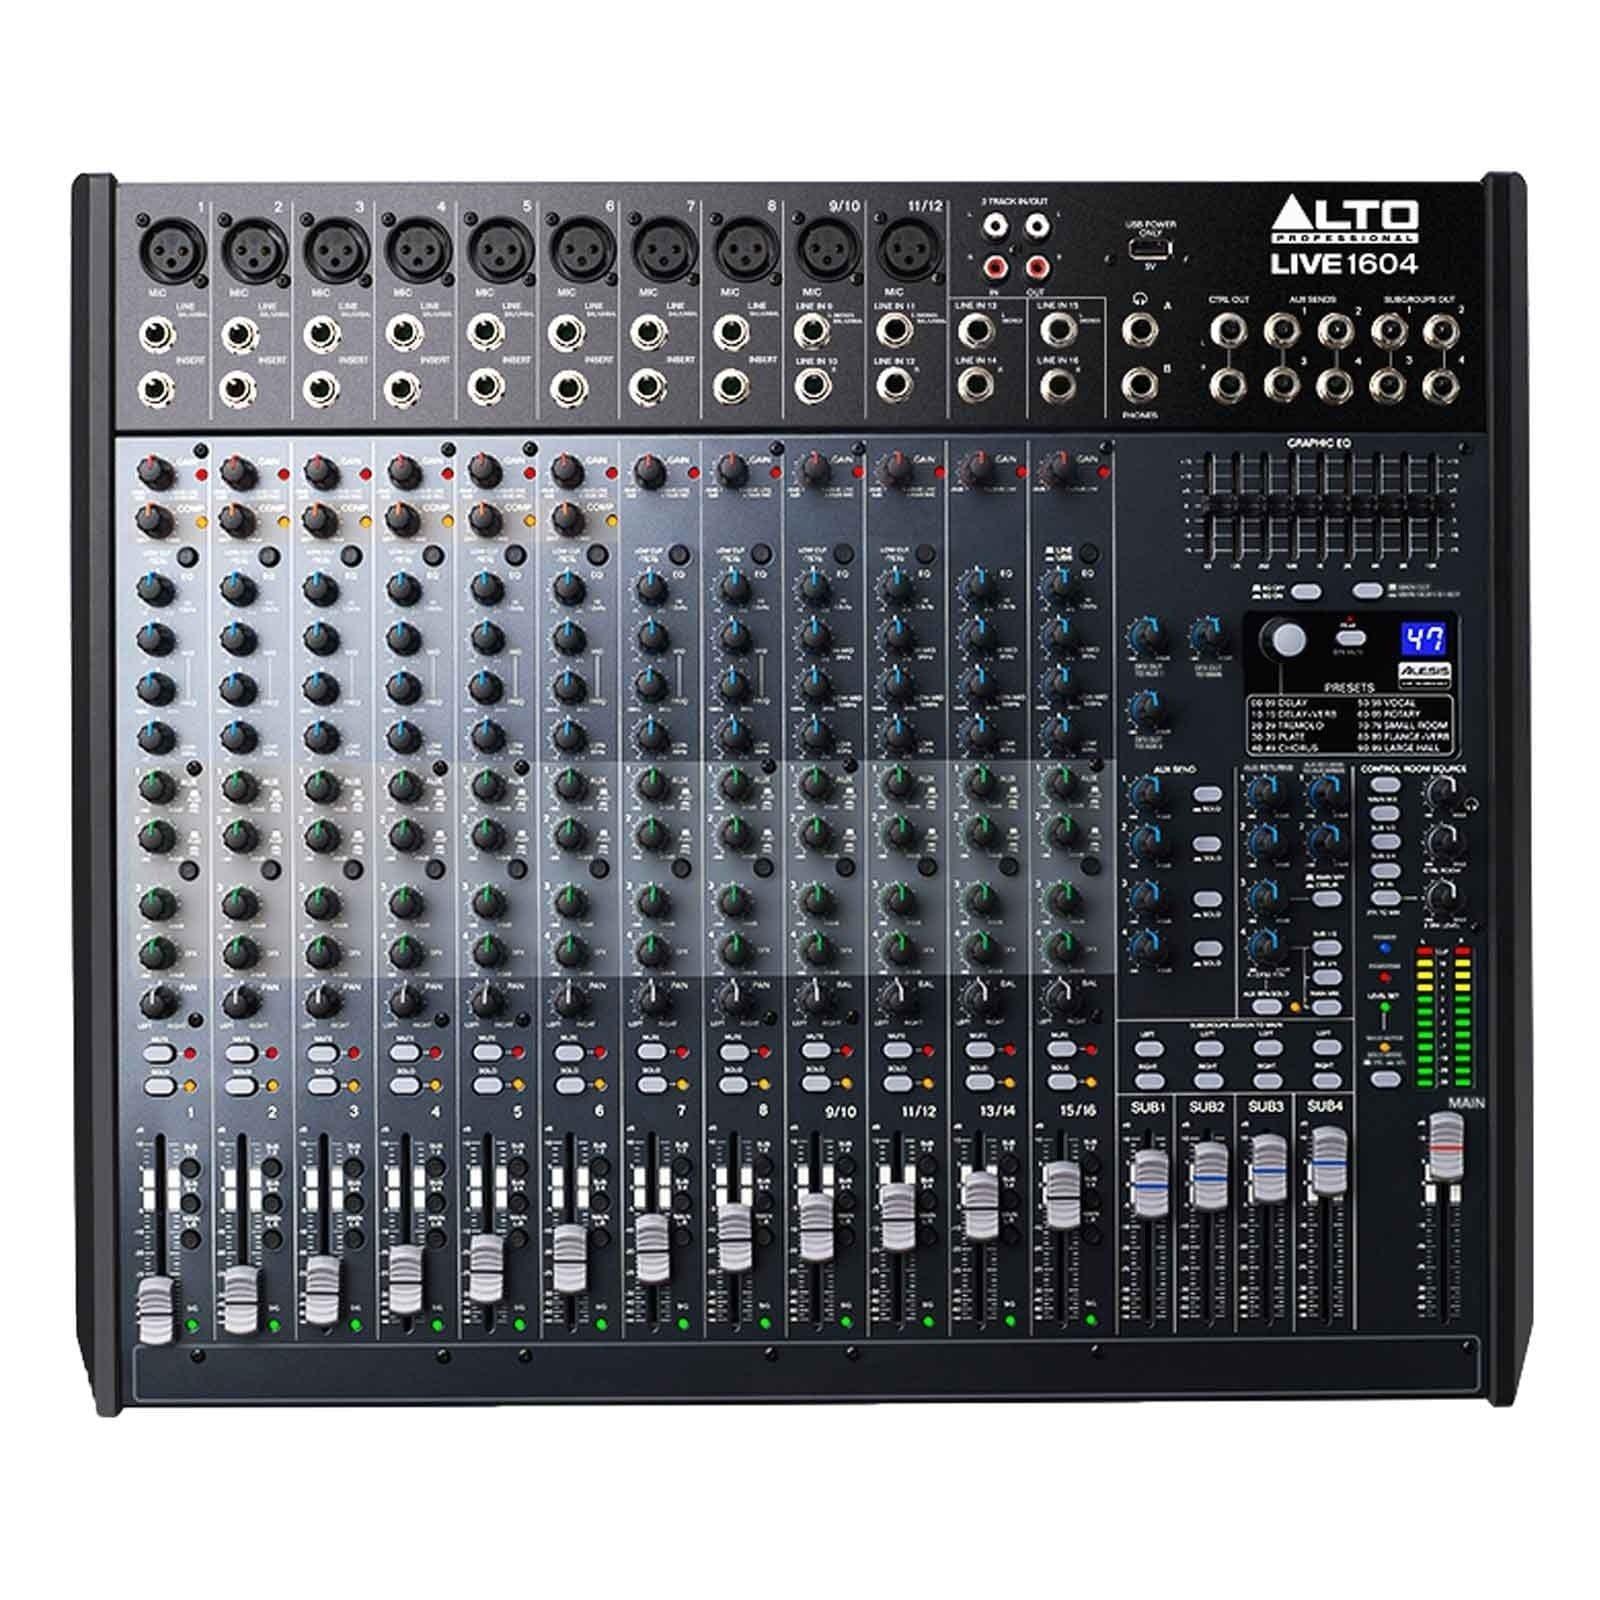 alto-professional-live-1604-16-channel-4-bus-mixer-w-usb-superior-dsp-preamps-f6f